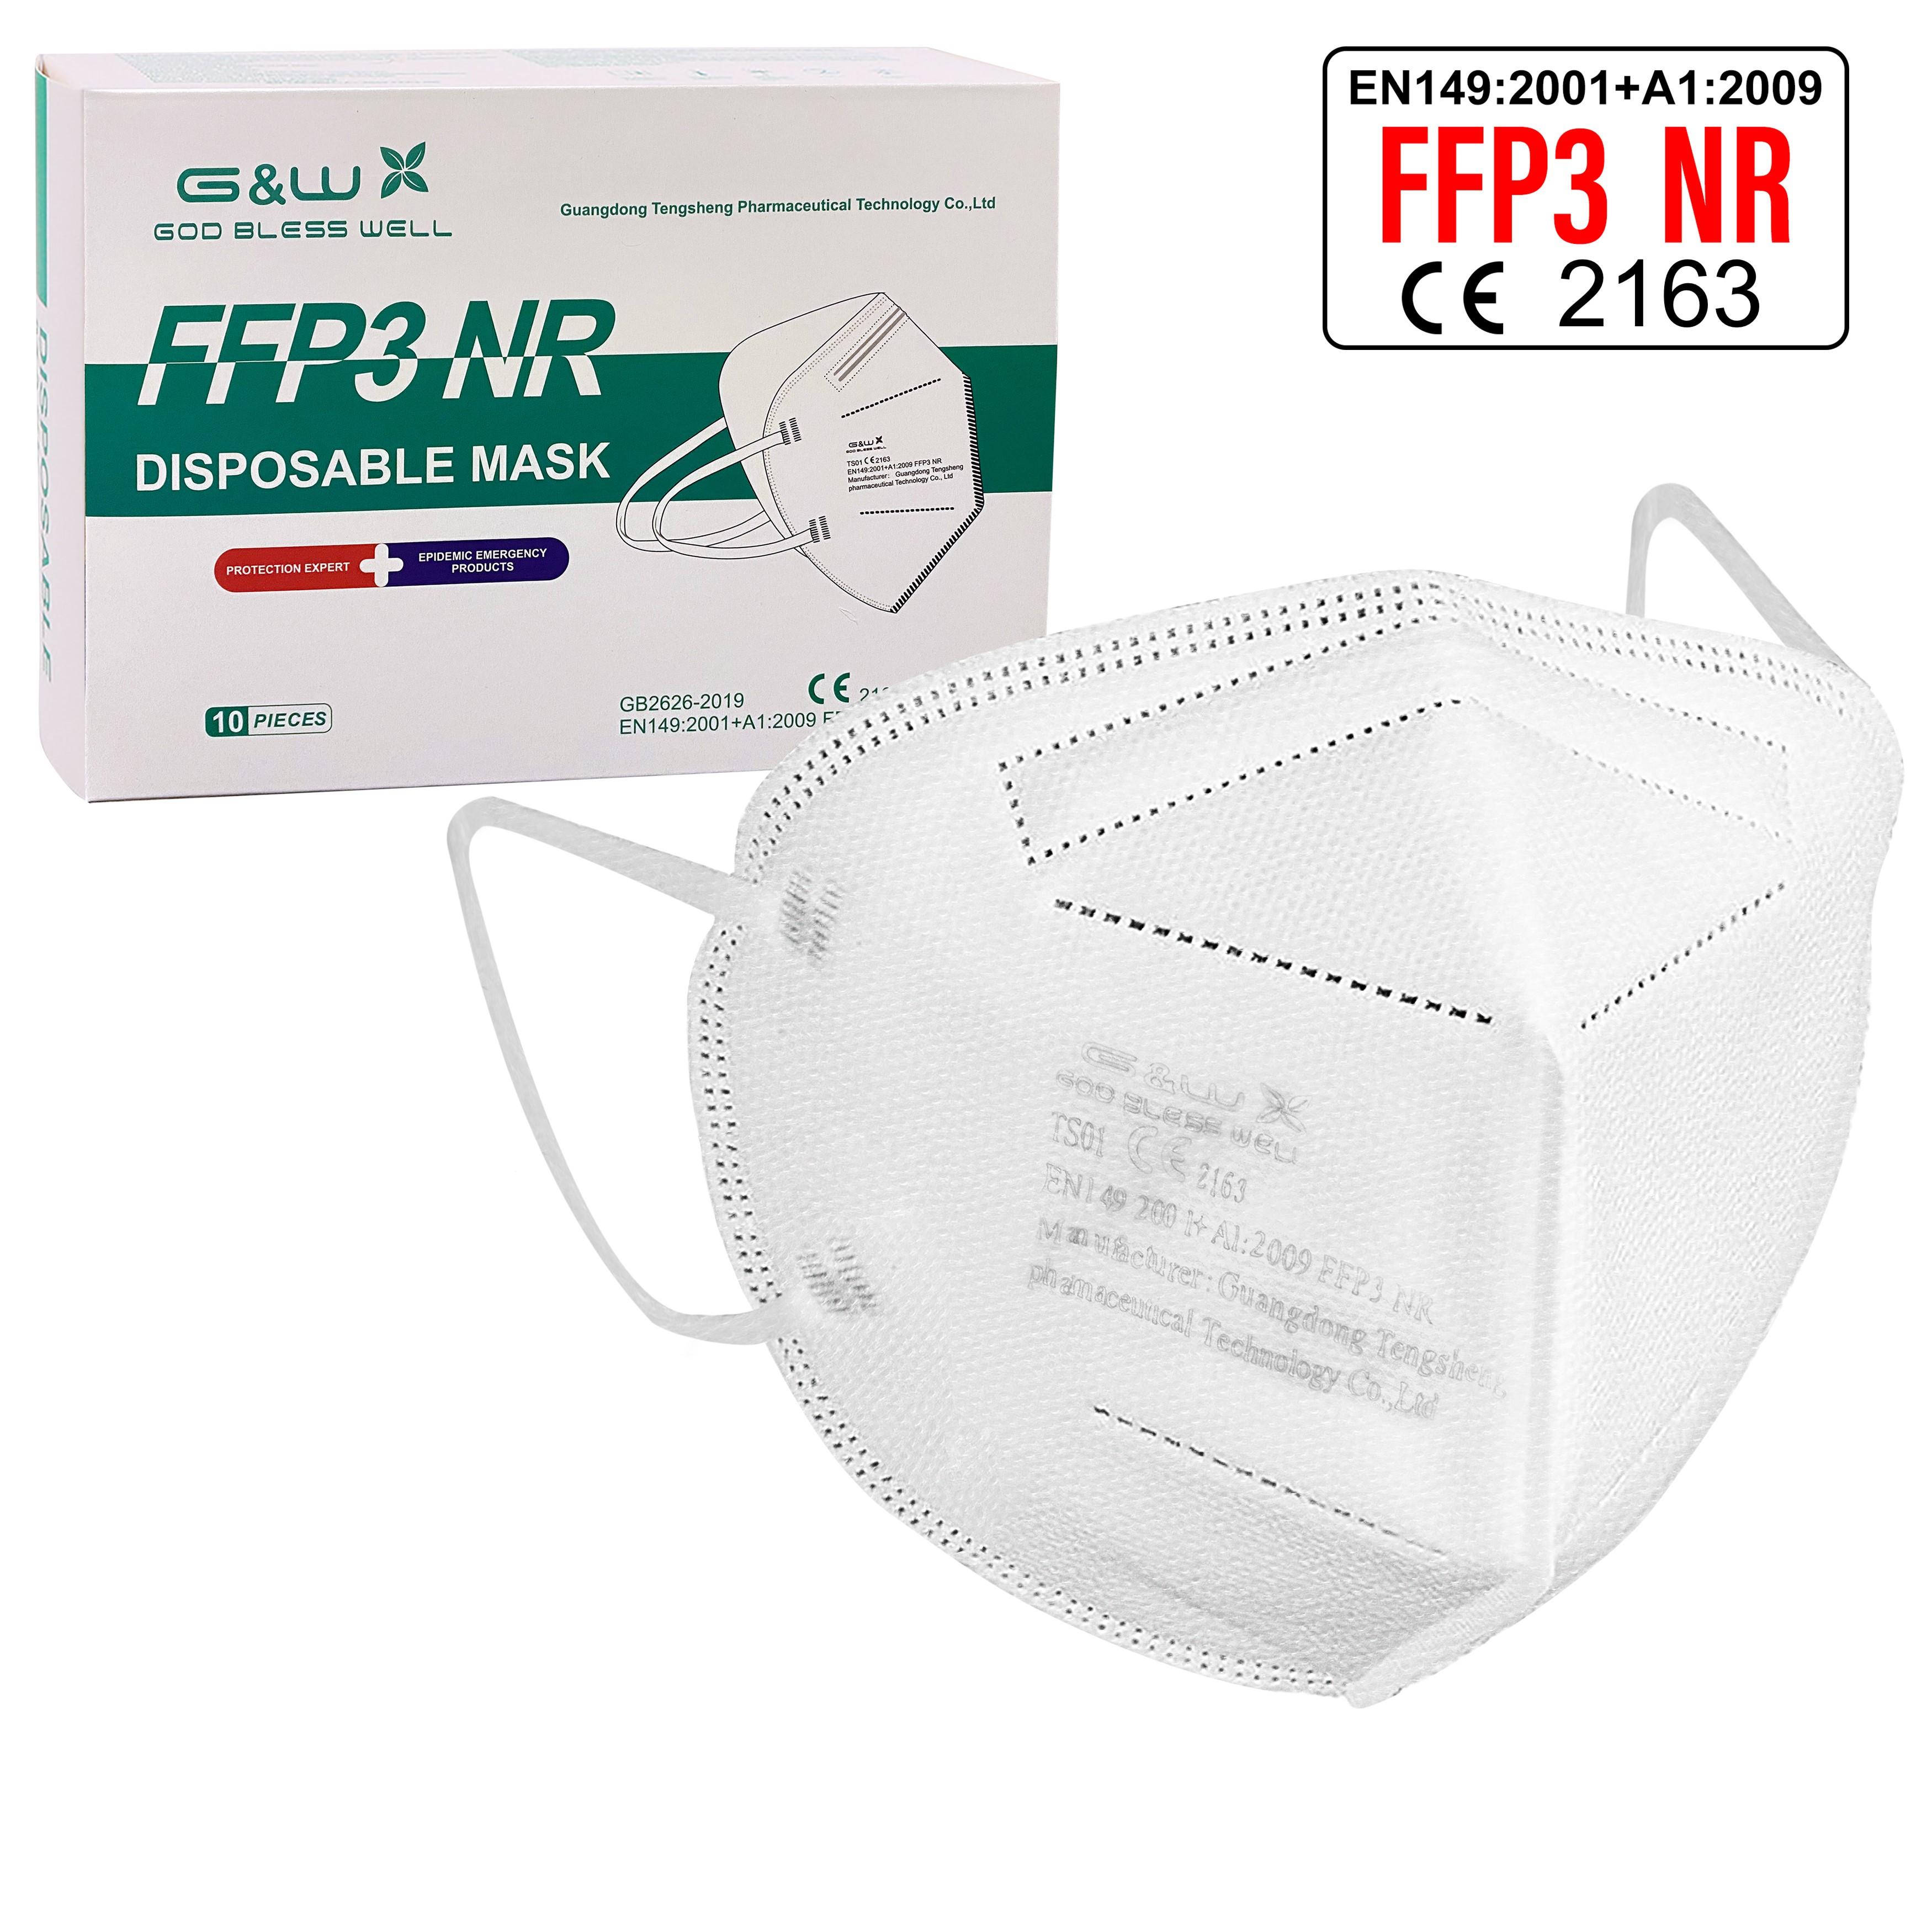 FFP3 NR Atemschutzmaske G&W  10 Stück einzeln verpackt